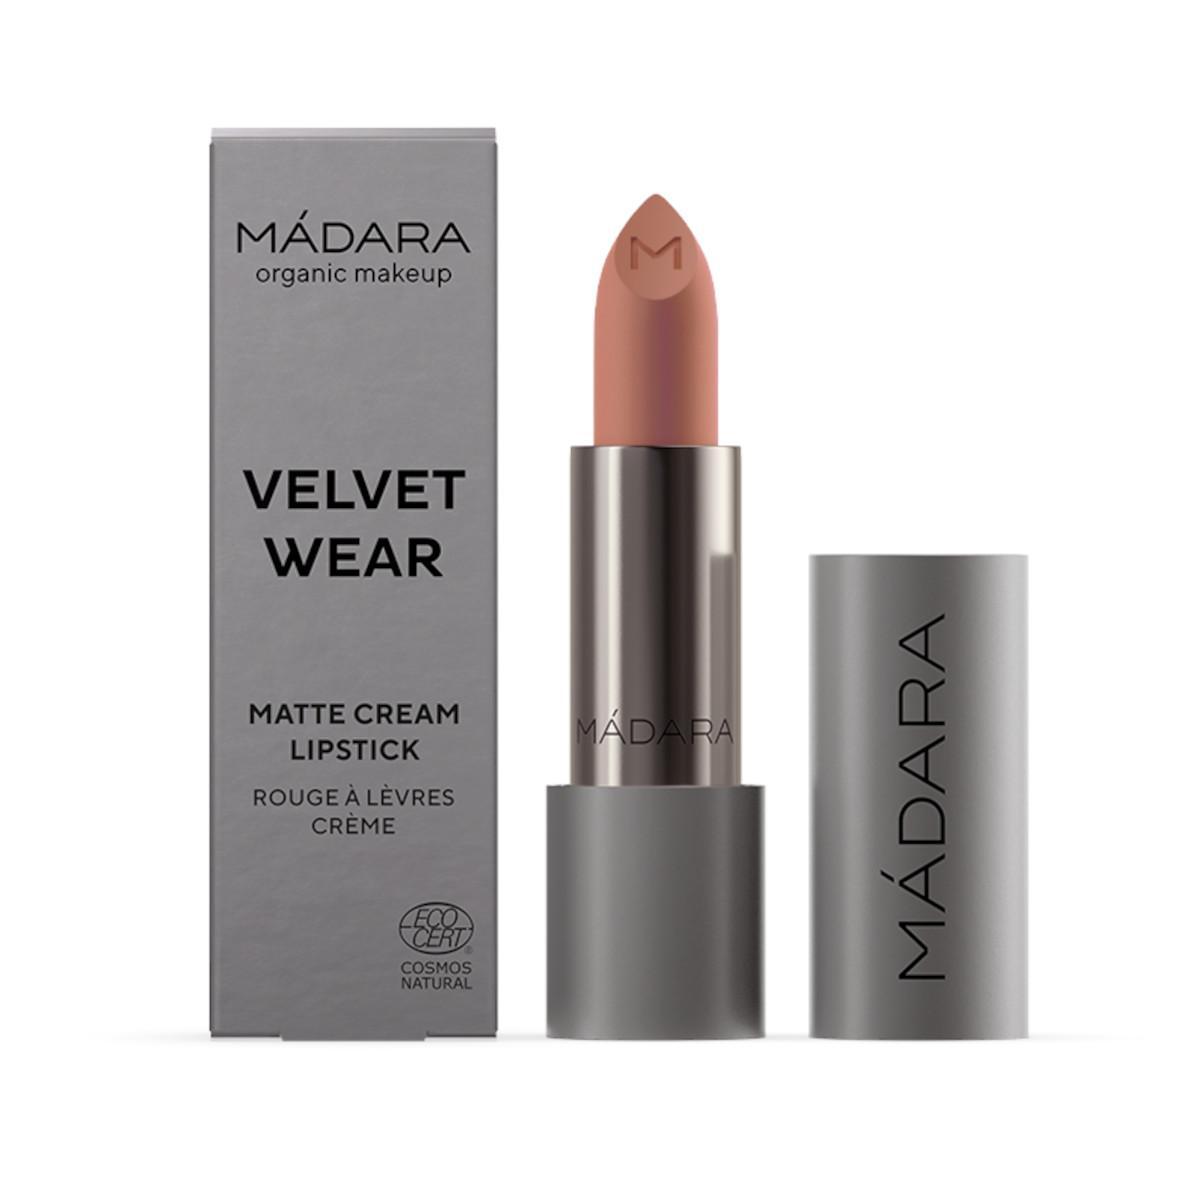 MÁDARA Velvet wear matná rtěnka, odstín 34 whisper 3,8 g